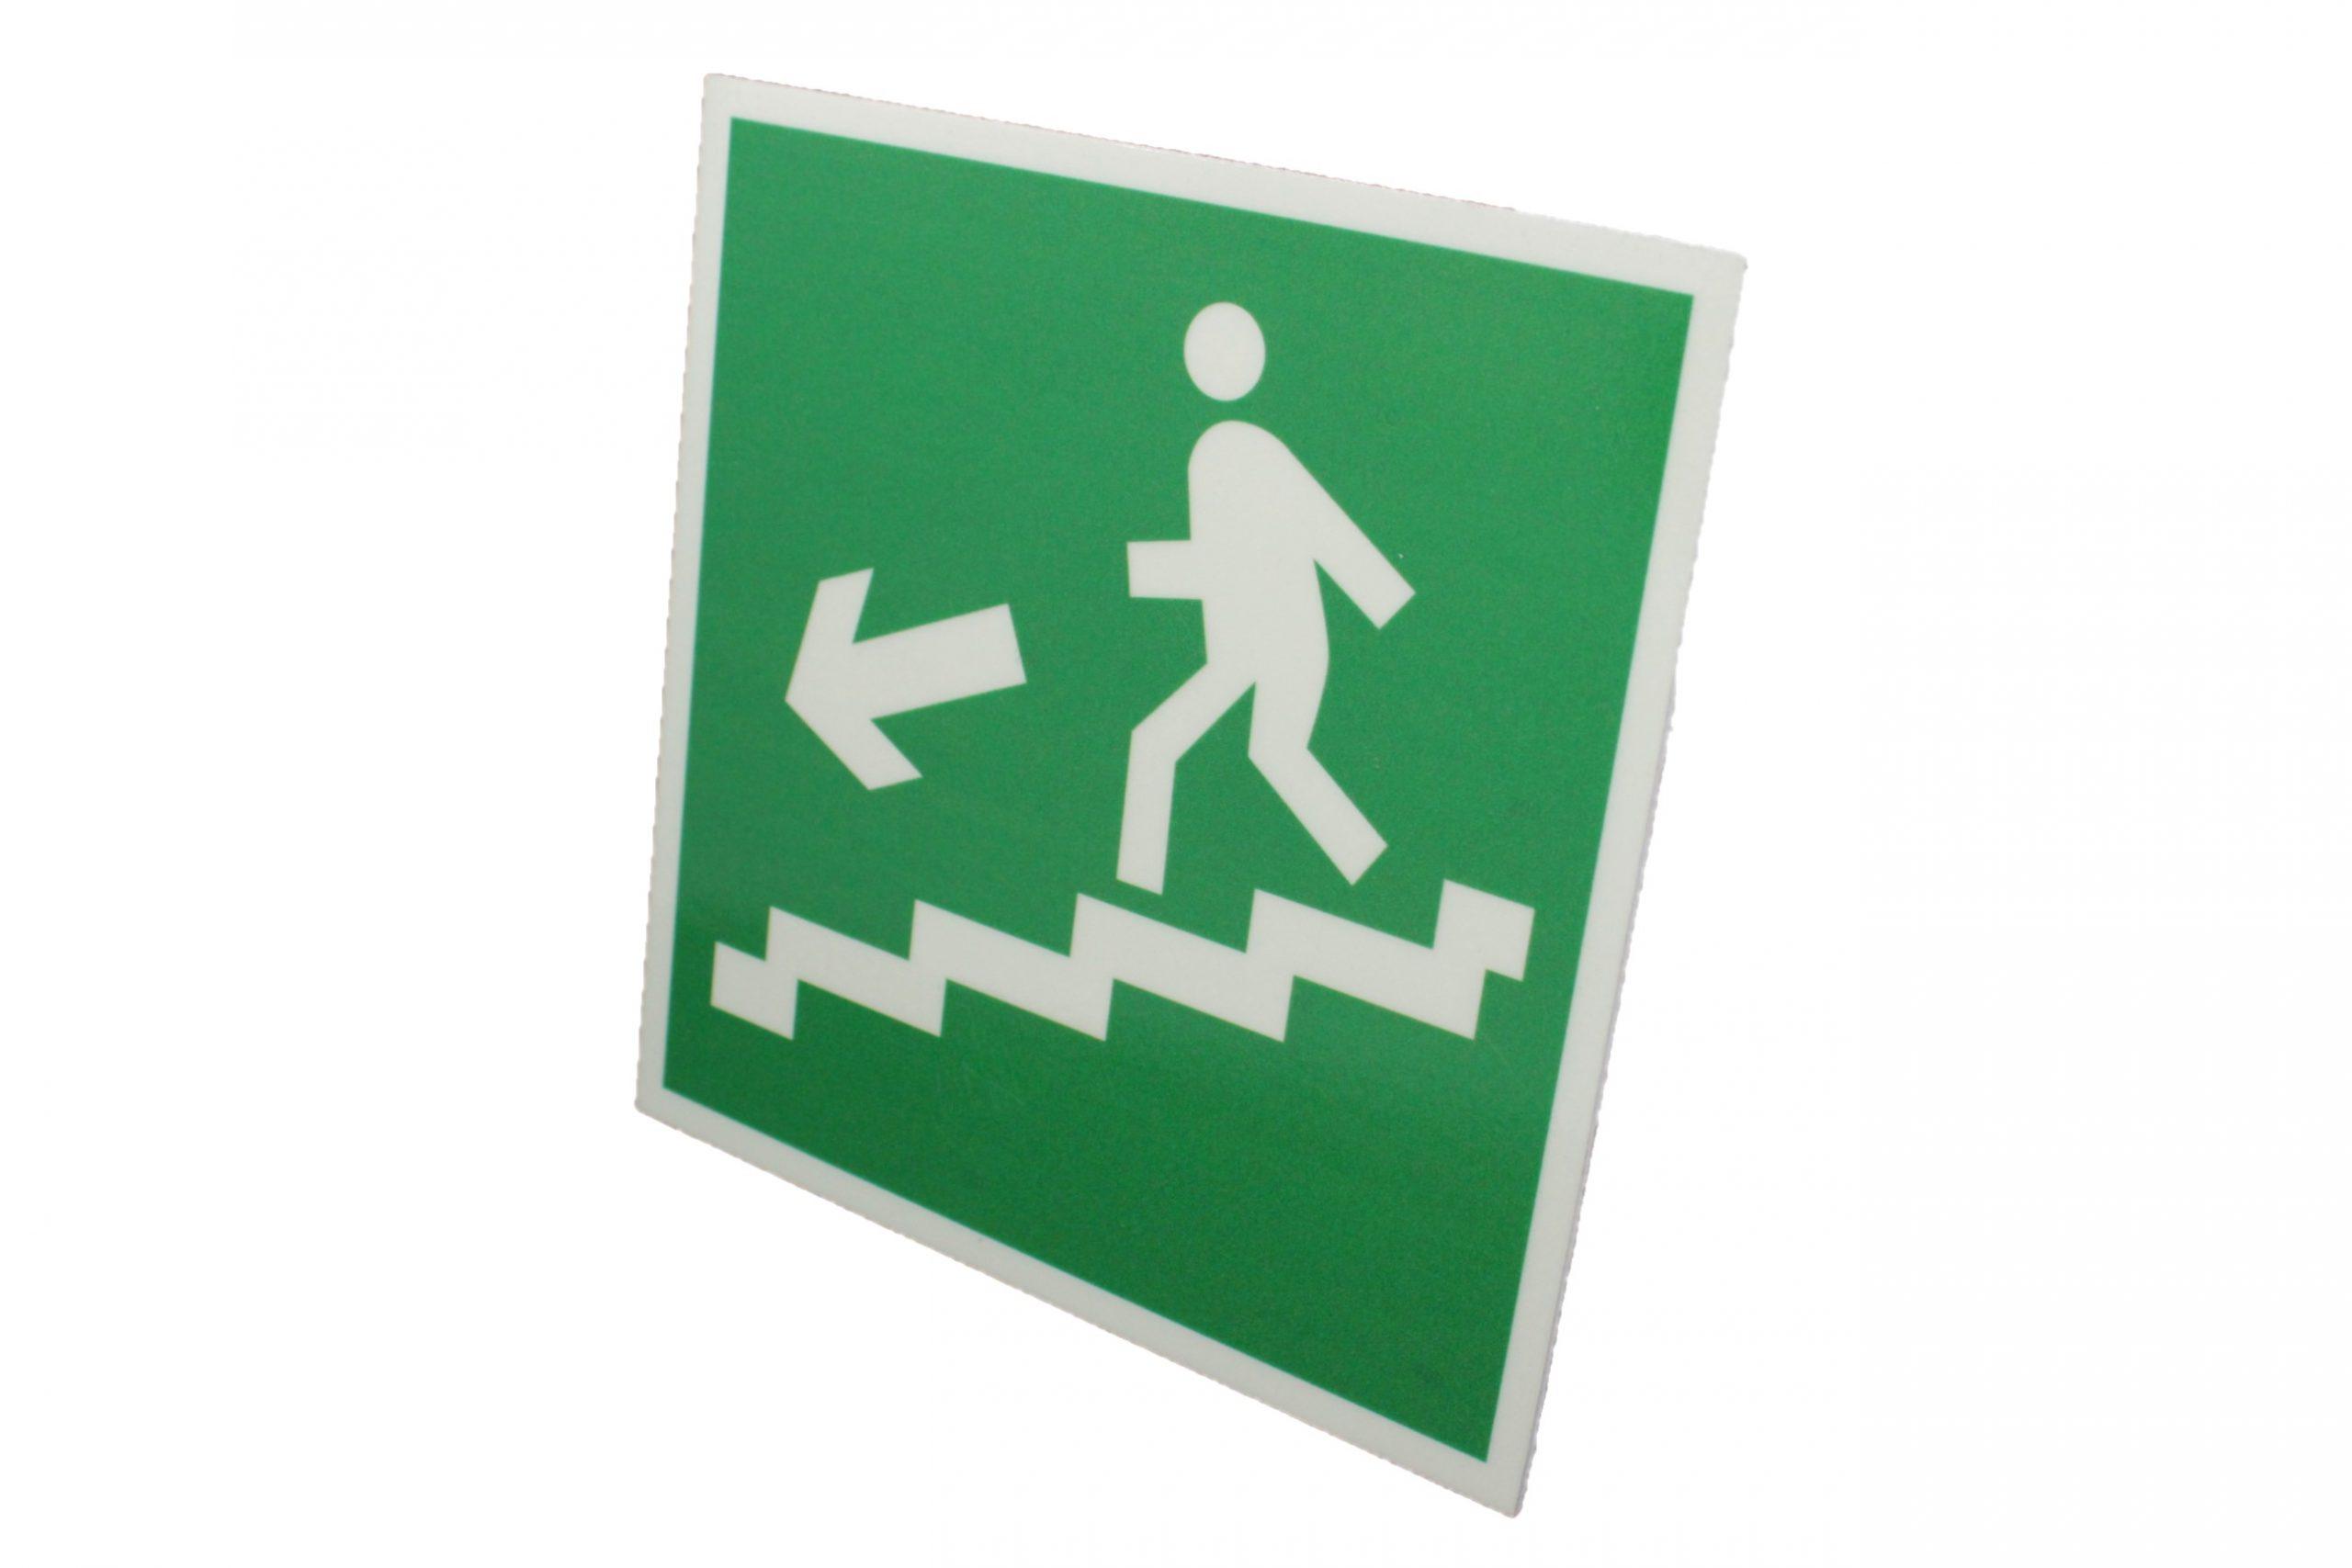 Знак эвакуации фотолюминесцентный по лестнице вниз левый